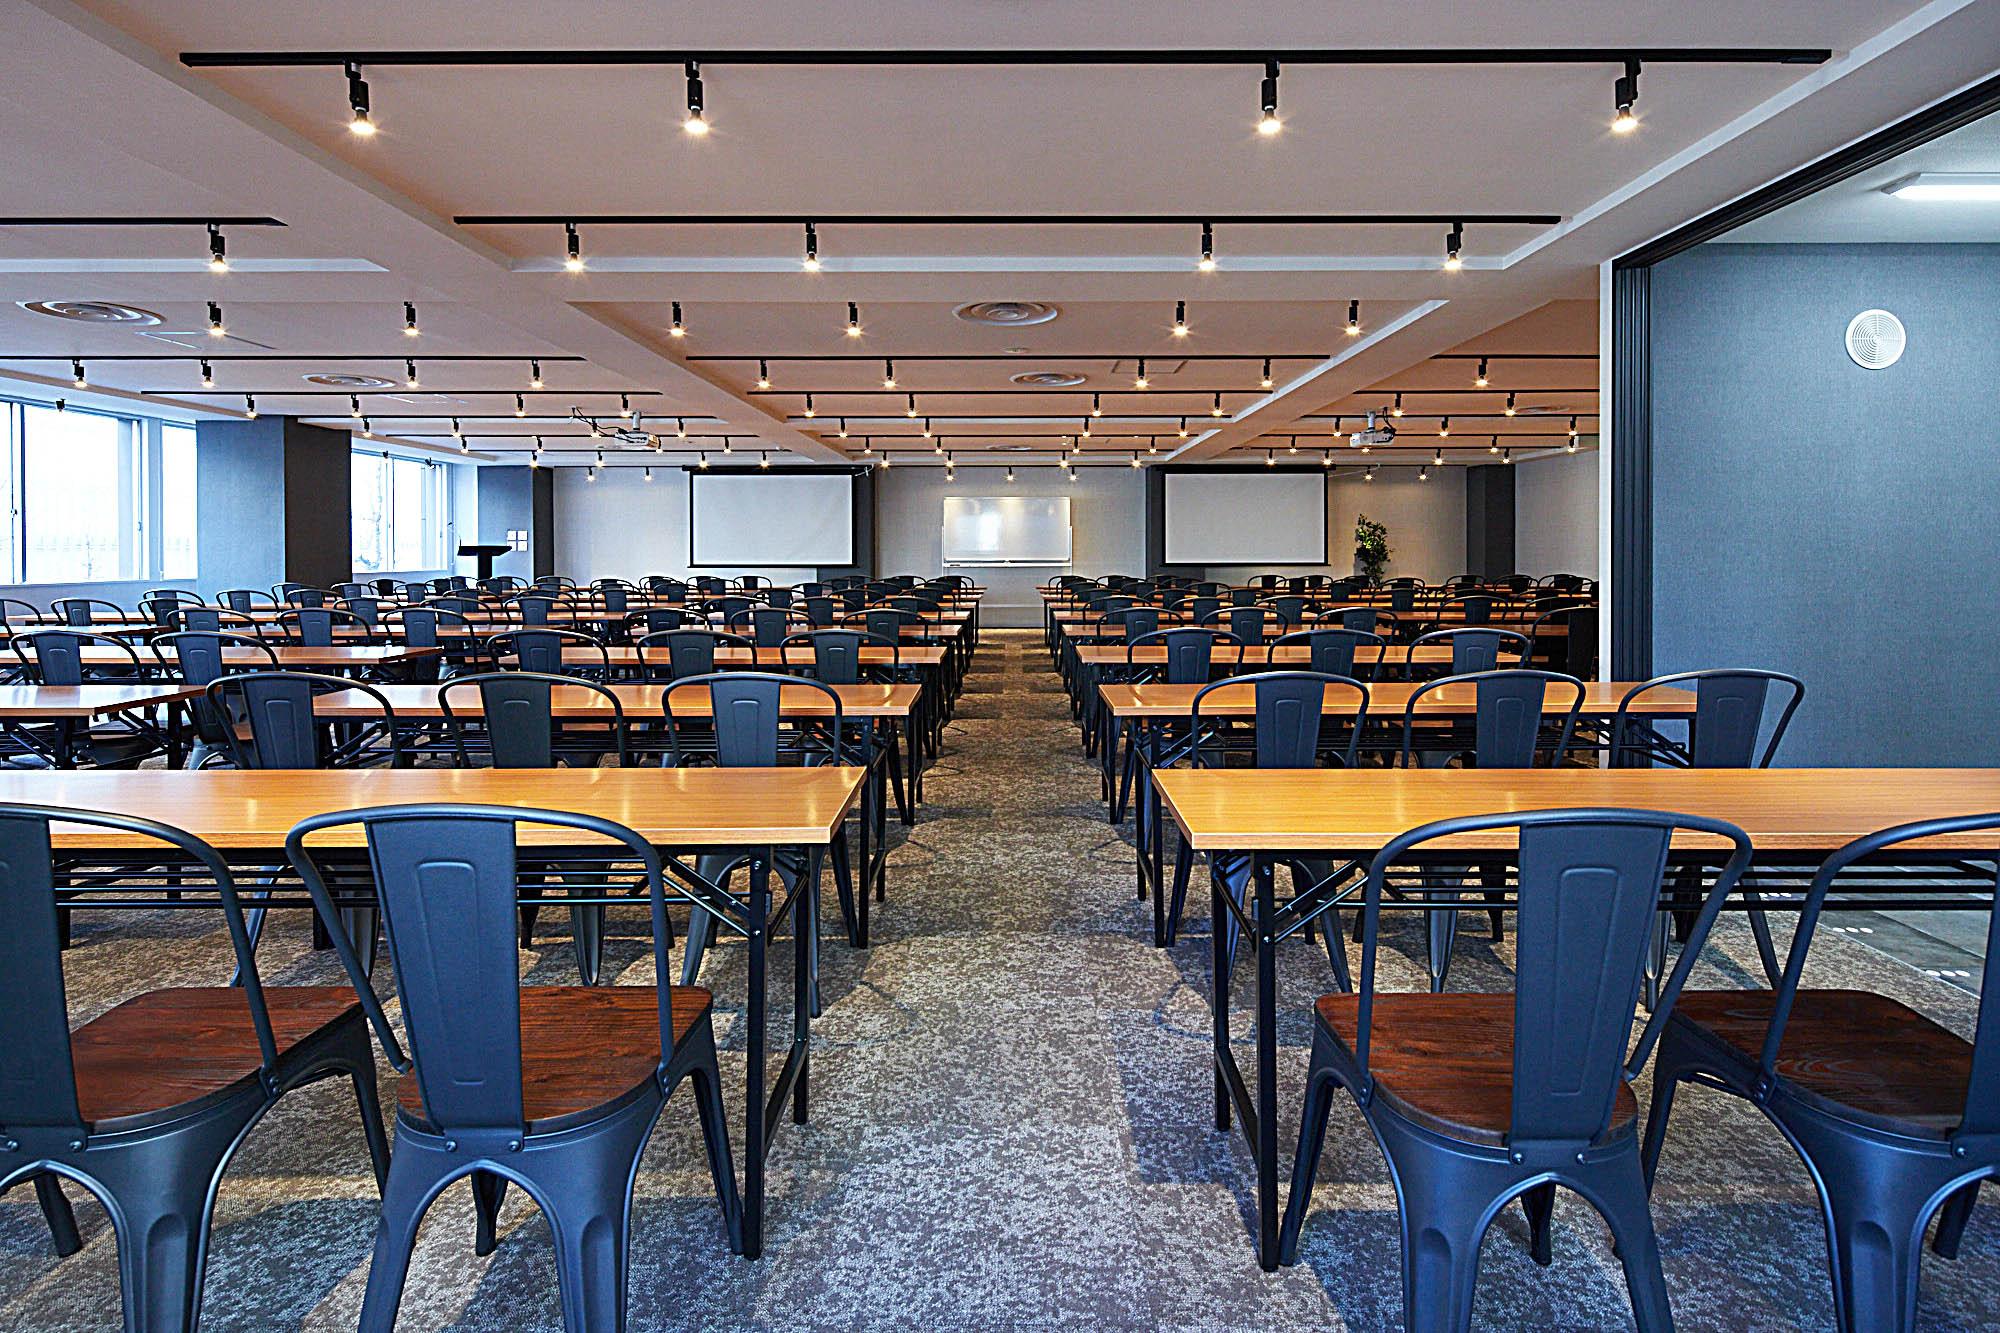 3月オープンの新スペース!<TIME SHARING新宿4A>の魅力とは?|TIME SHARING|タイムシェアリング|スペースマネジメント|あどばる|adval|SHARING